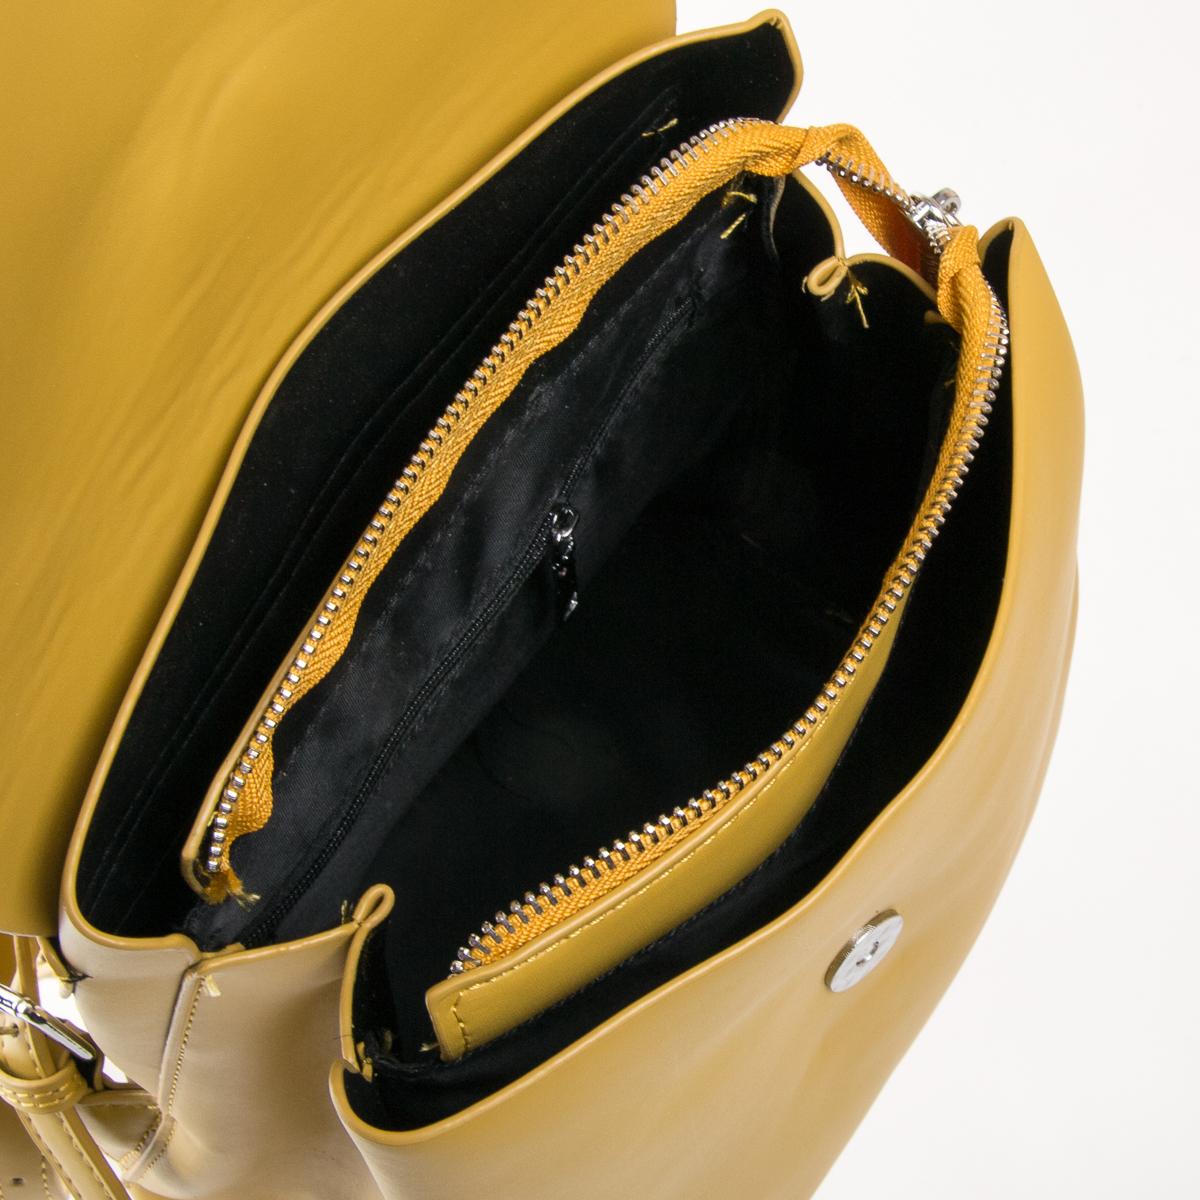 Сумка Женская Рюкзак иск-кожа FASHION 01-04 6151 yellow - фото 5